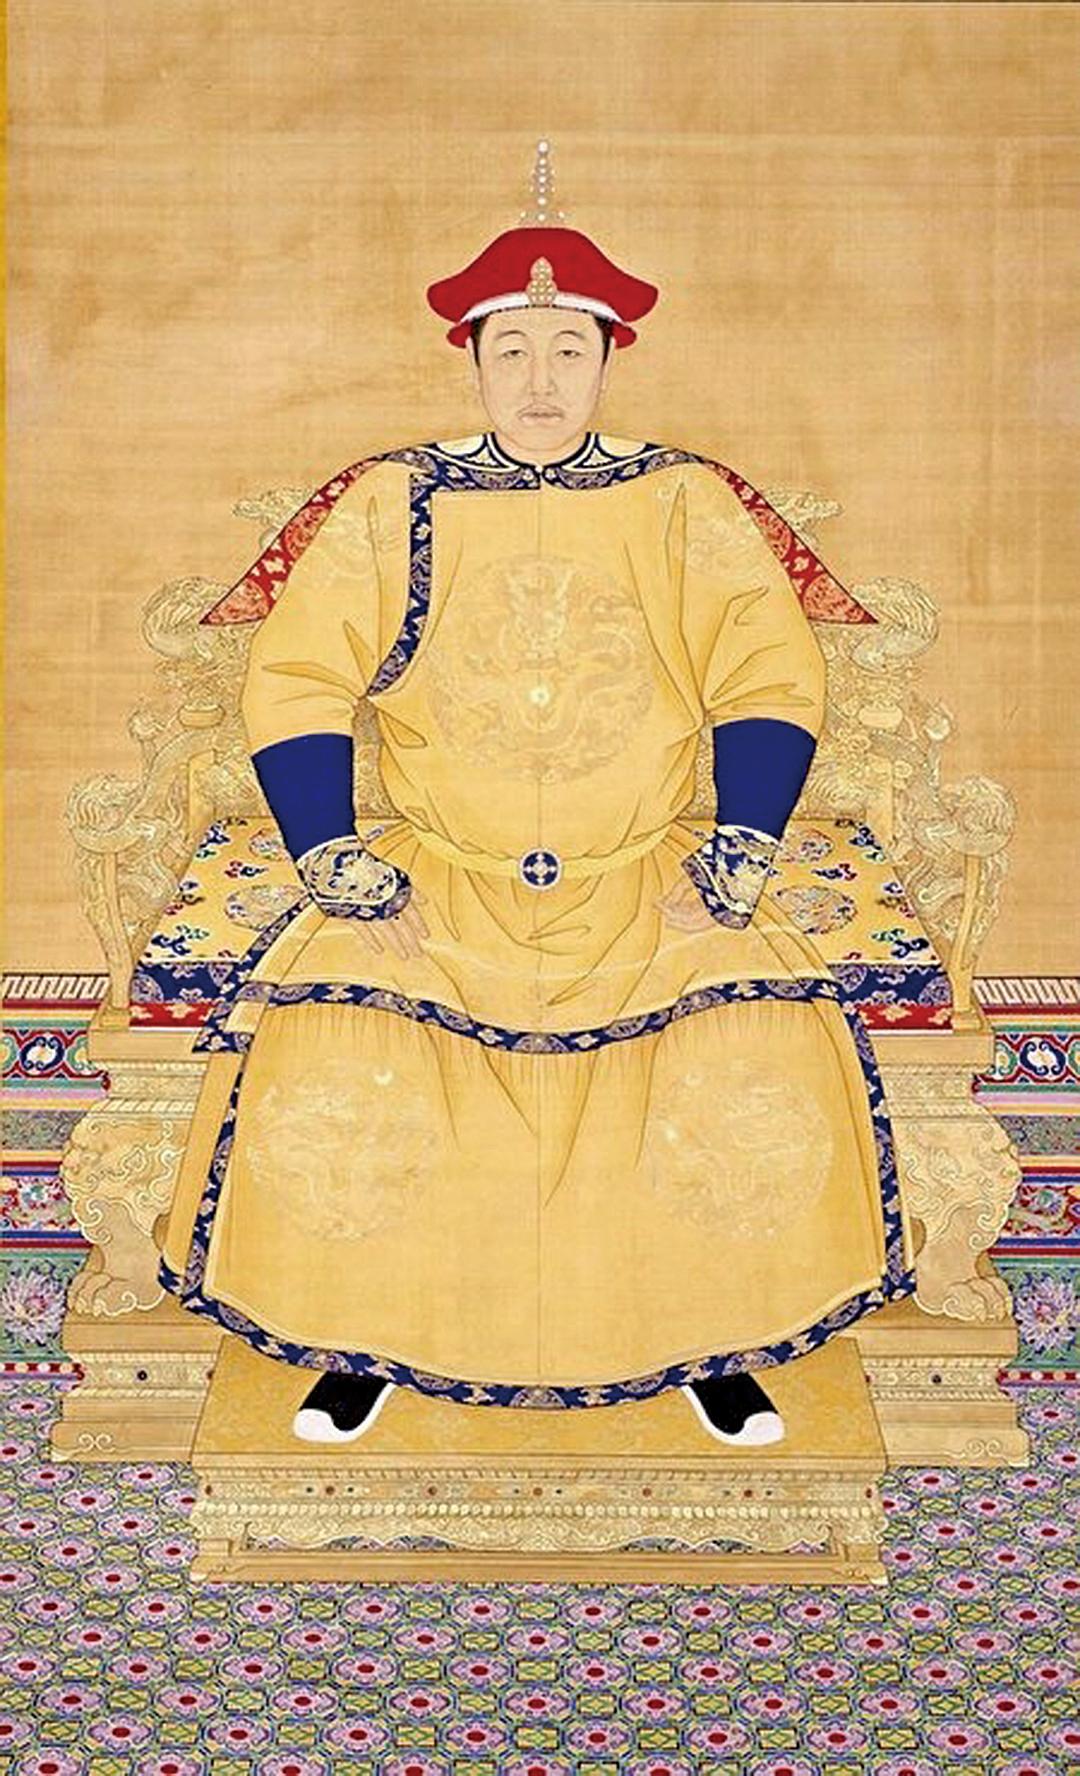 清佚名《清世祖順治皇帝朝服像》。(公有領域)